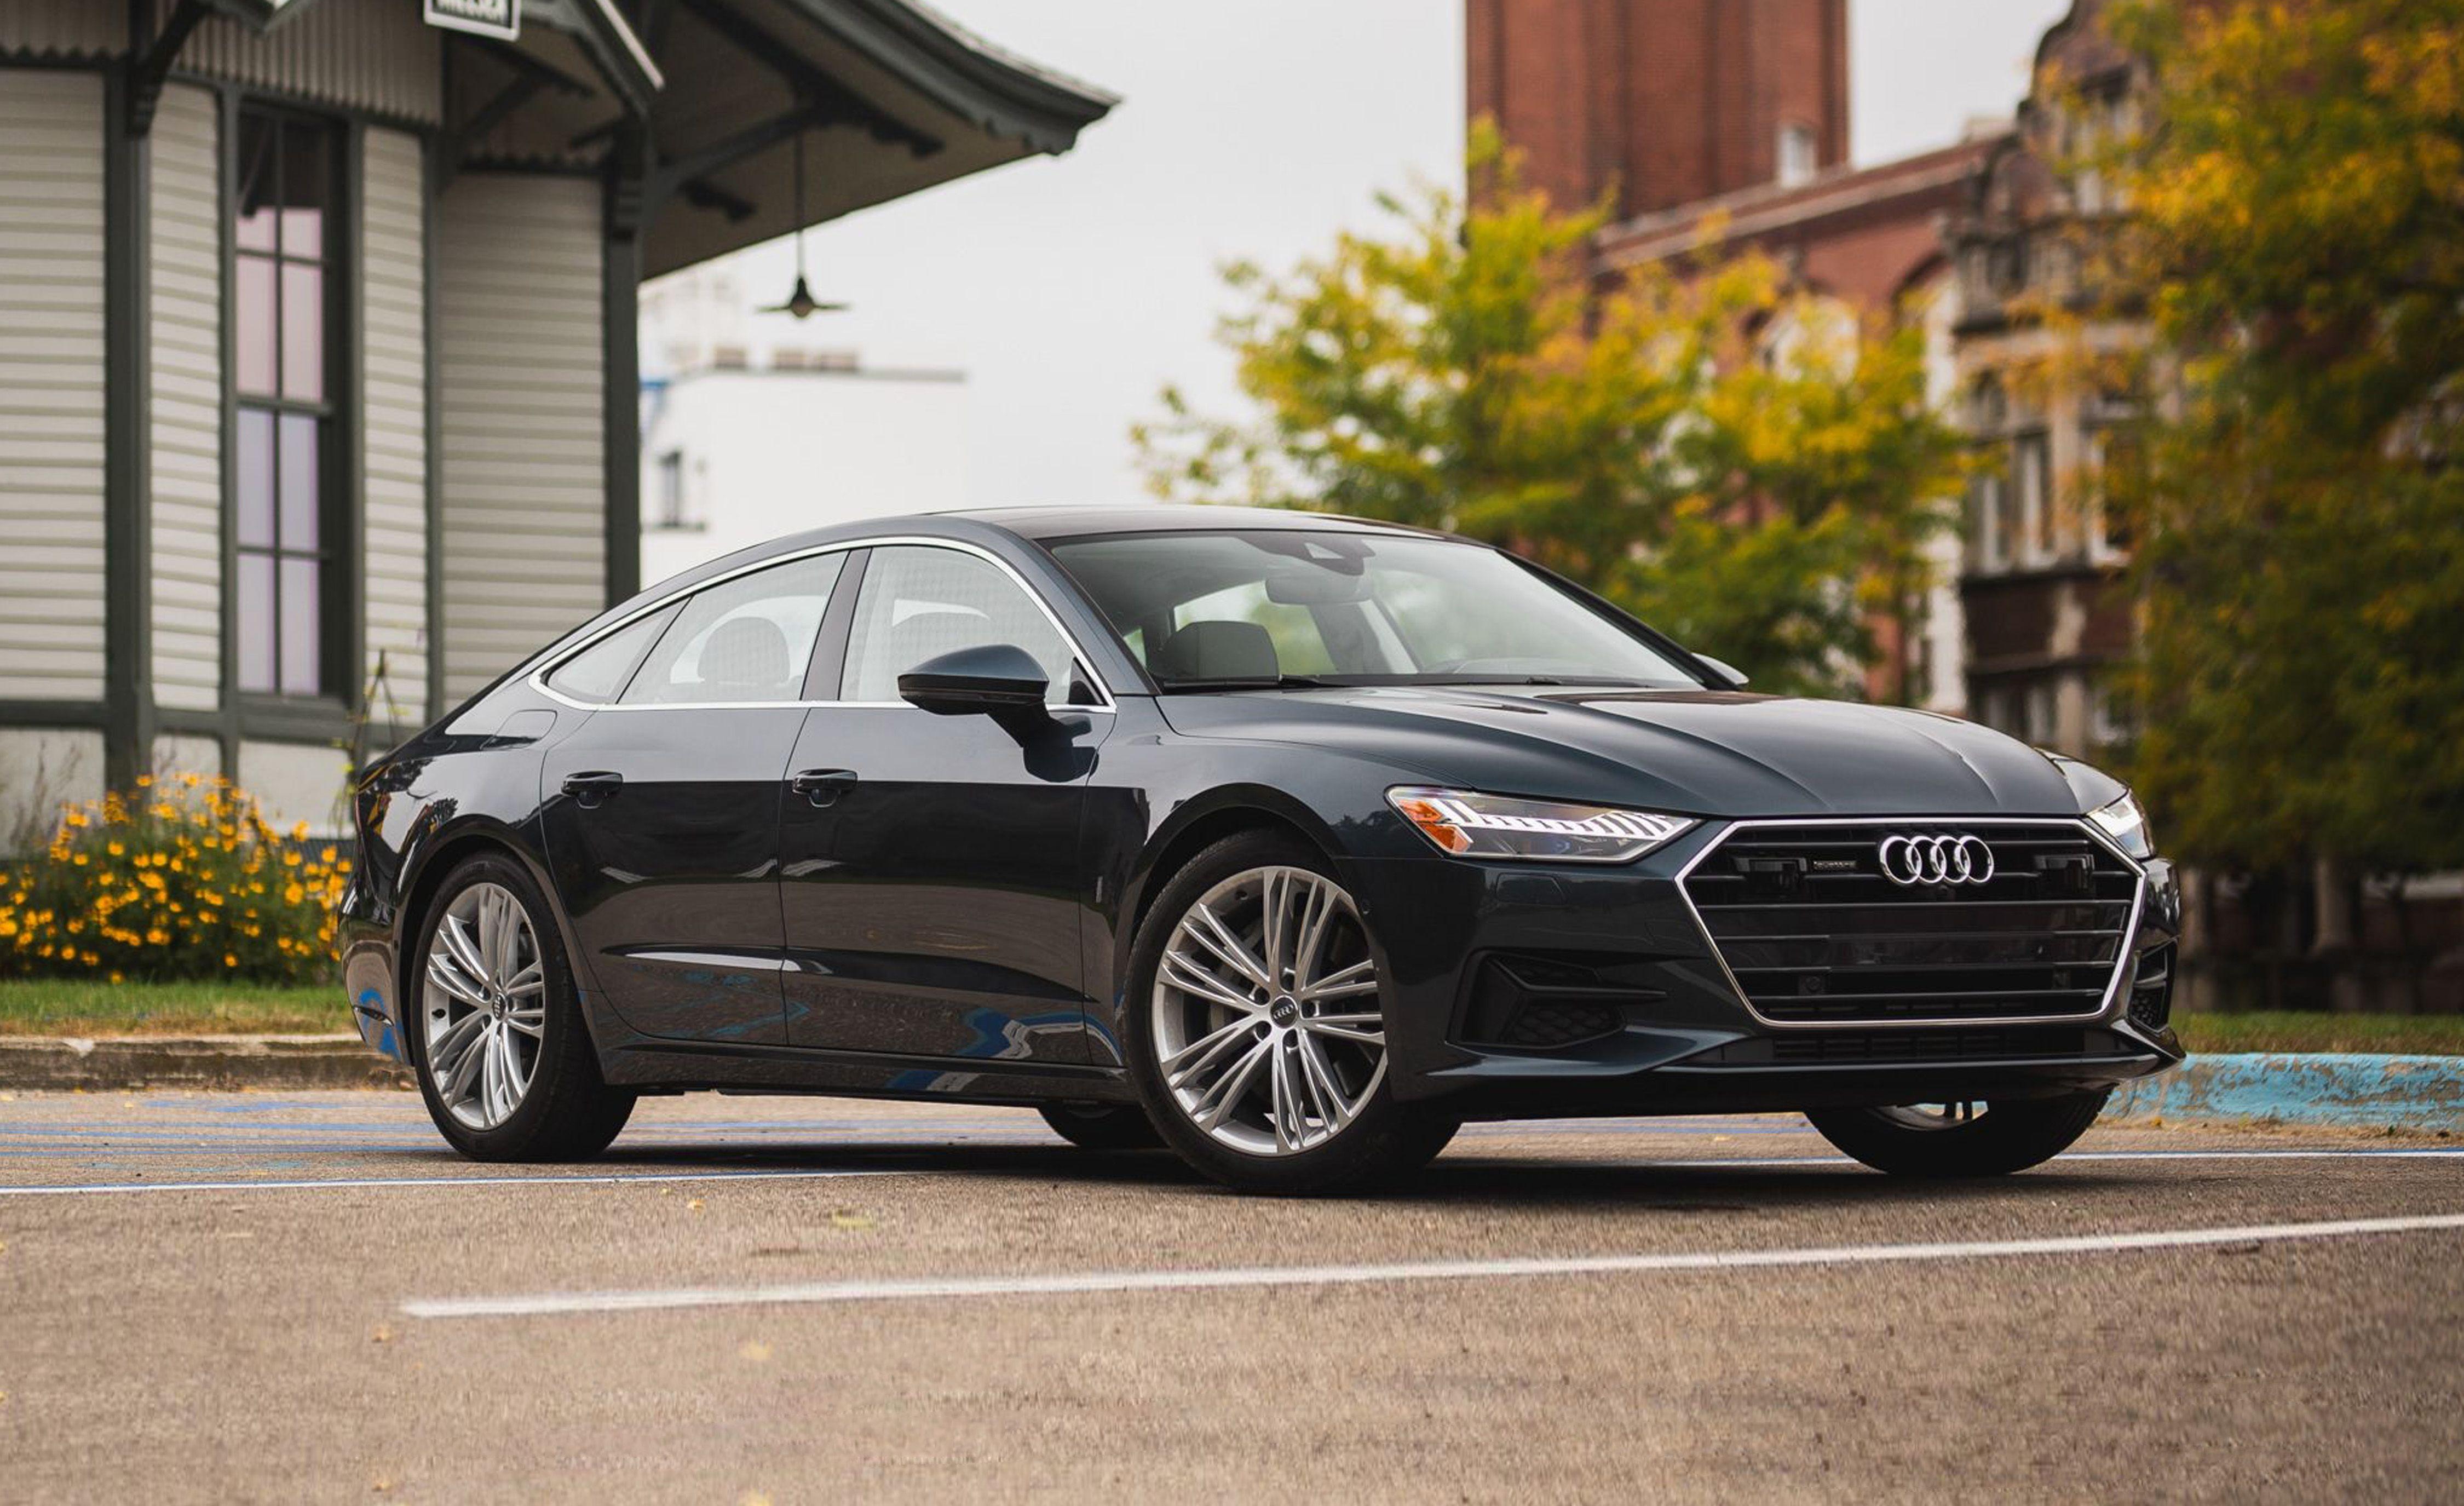 Kekurangan A7 Audi 2019 Review